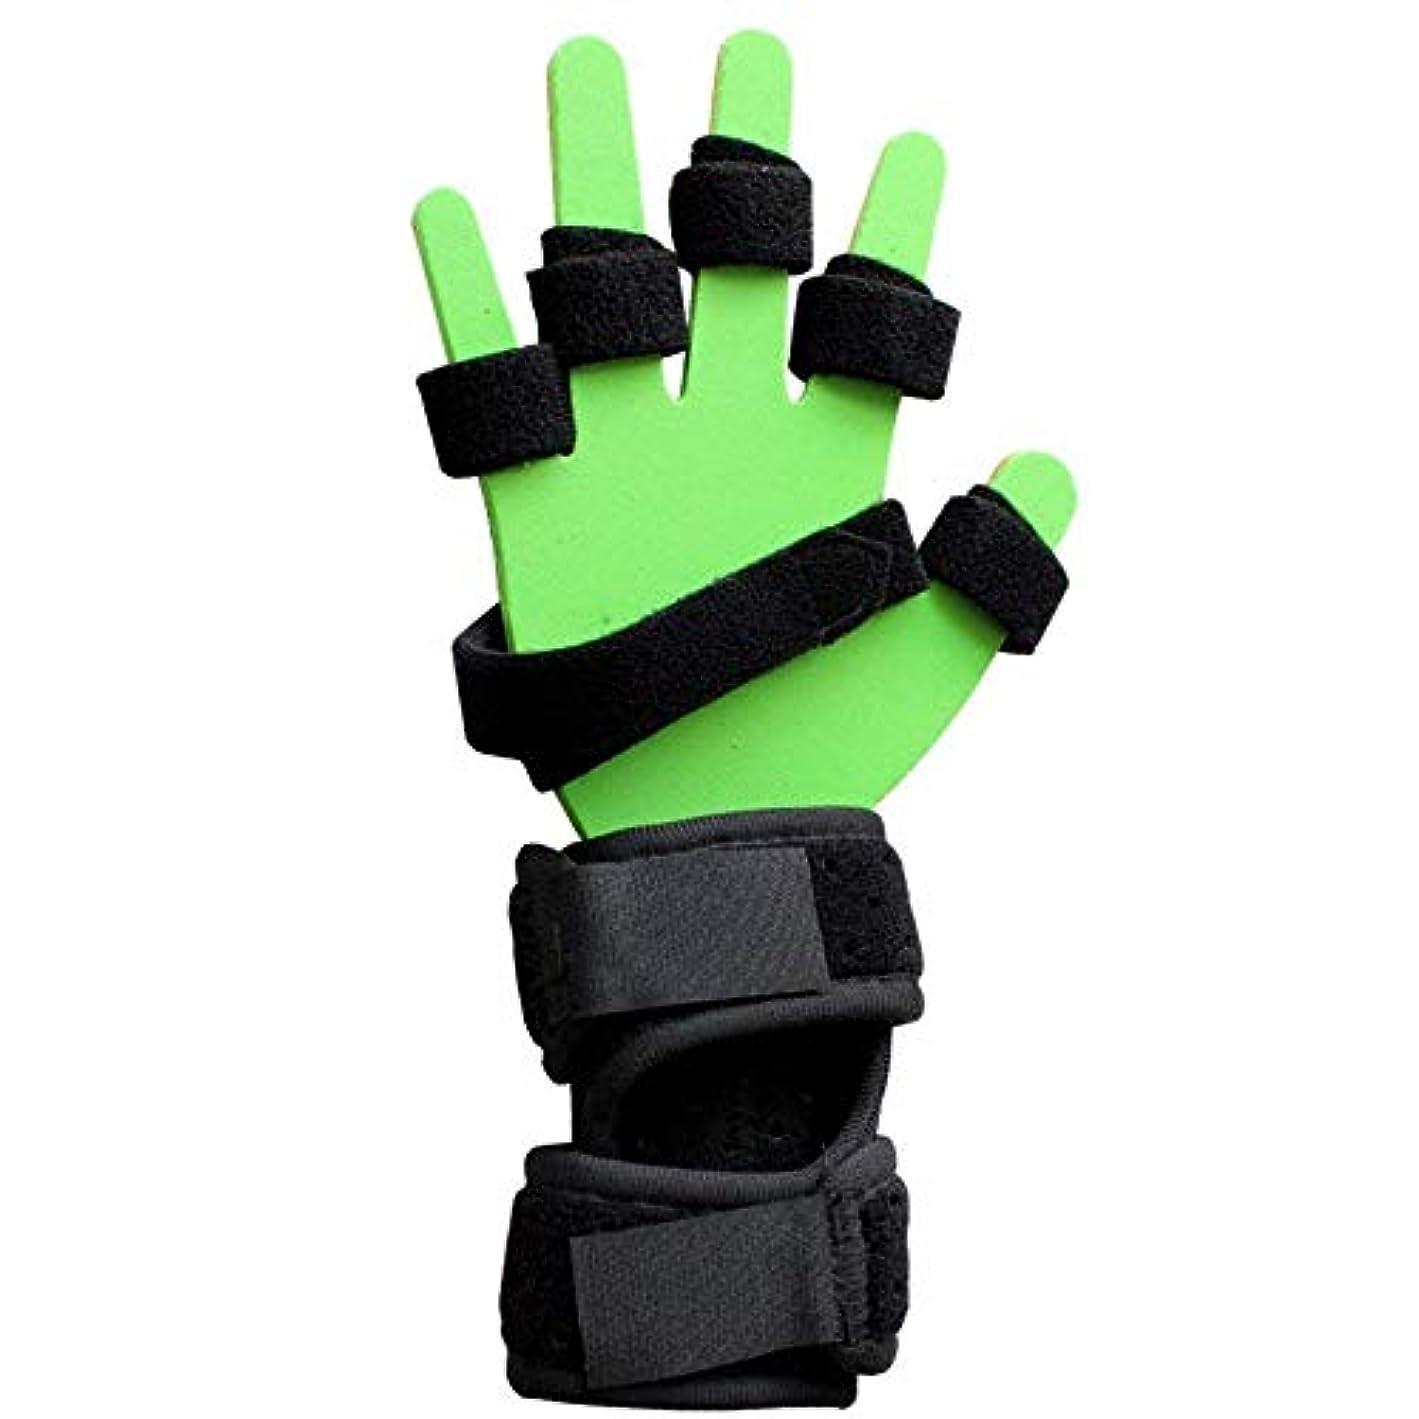 論理パトロールすずめ指損傷サポート、指板トレーニング指固定プレート、片麻痺用指装具プラスチックアルミニウムプレート,RightHand-M